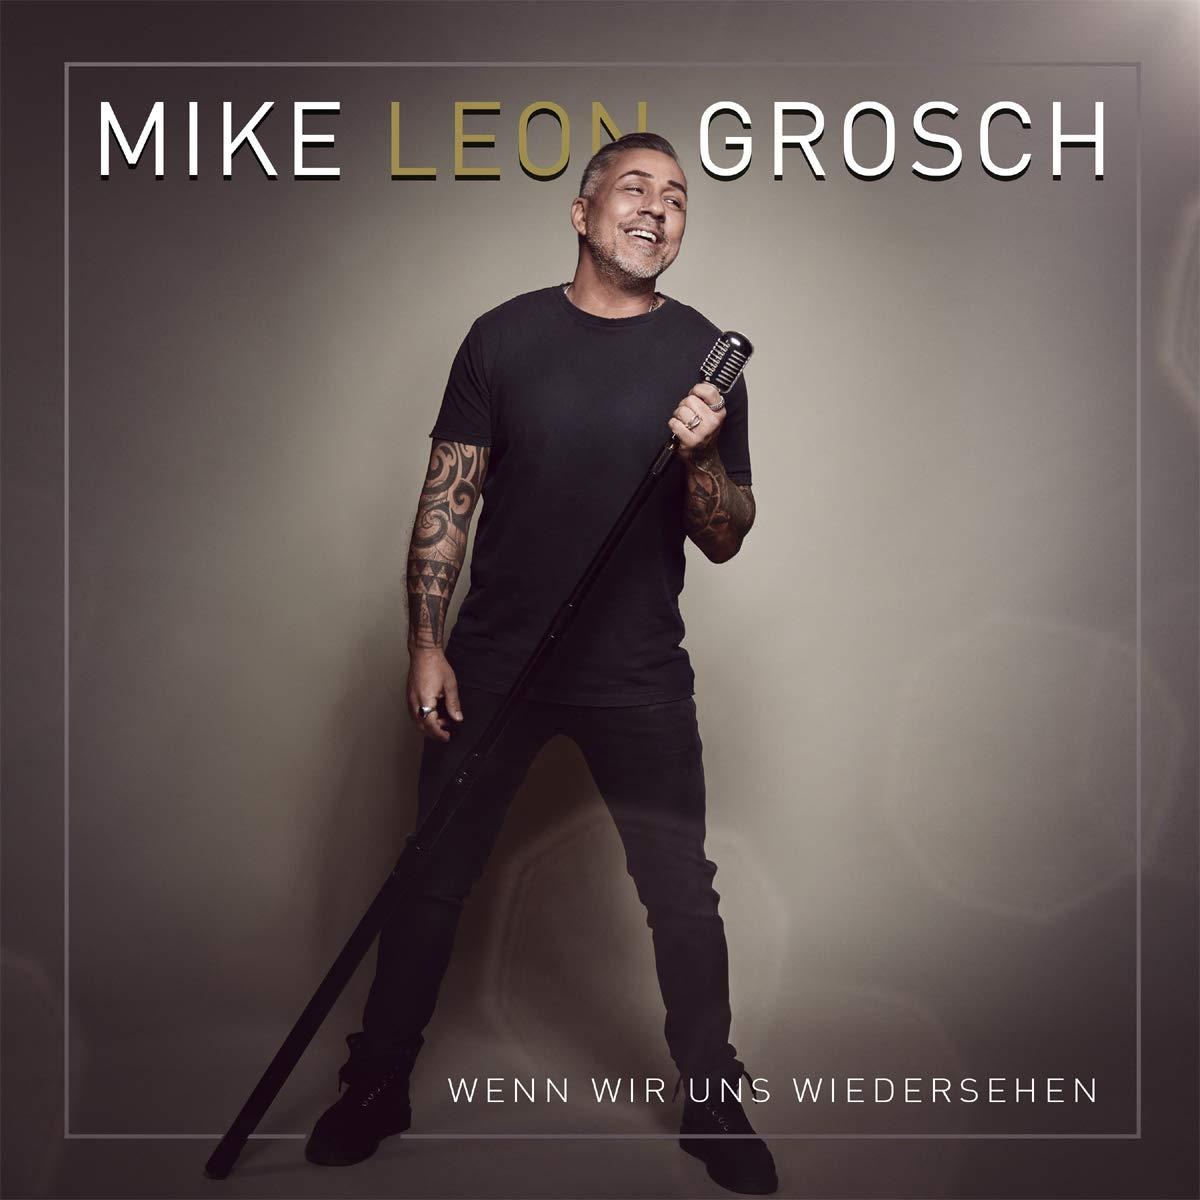 Mike Leon Grosch - Wenn wir uns wiedersehen (2021)